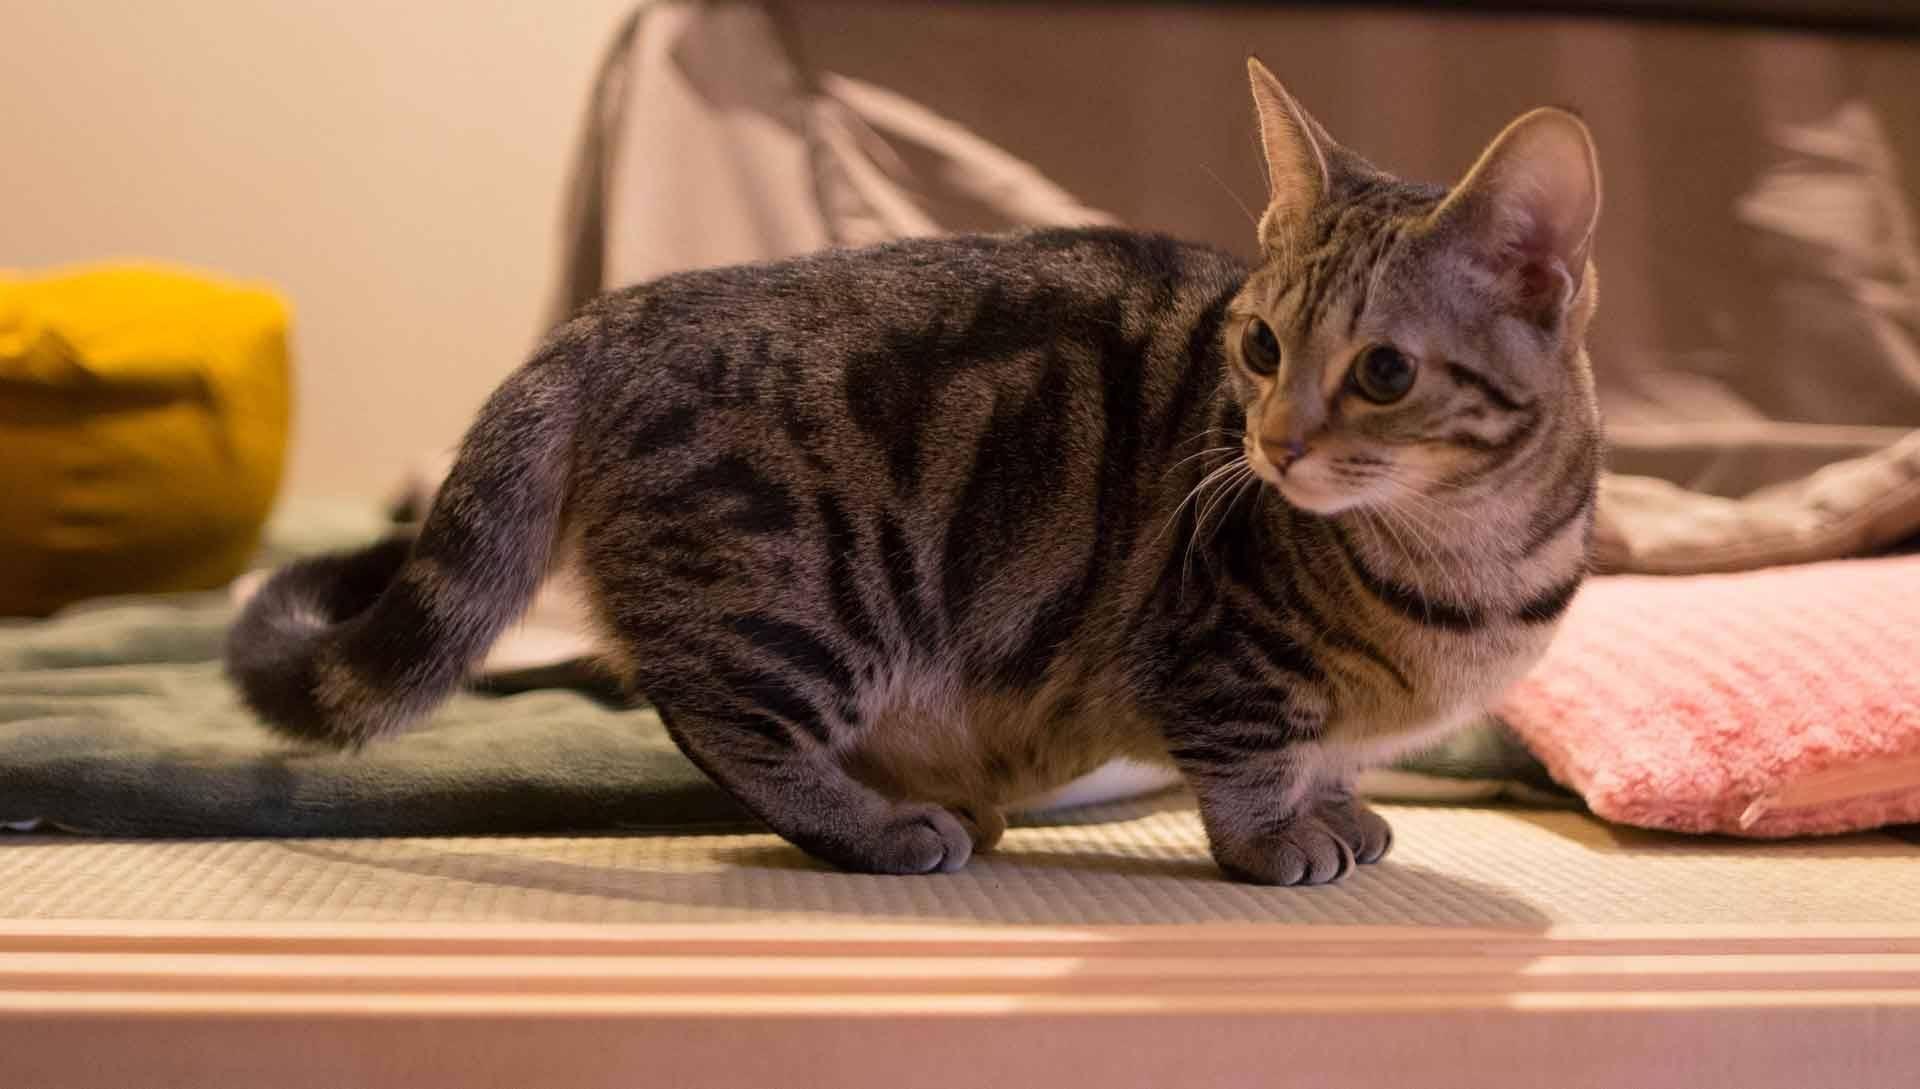 Порода самой маленькой кошки в мире, фото с названиями